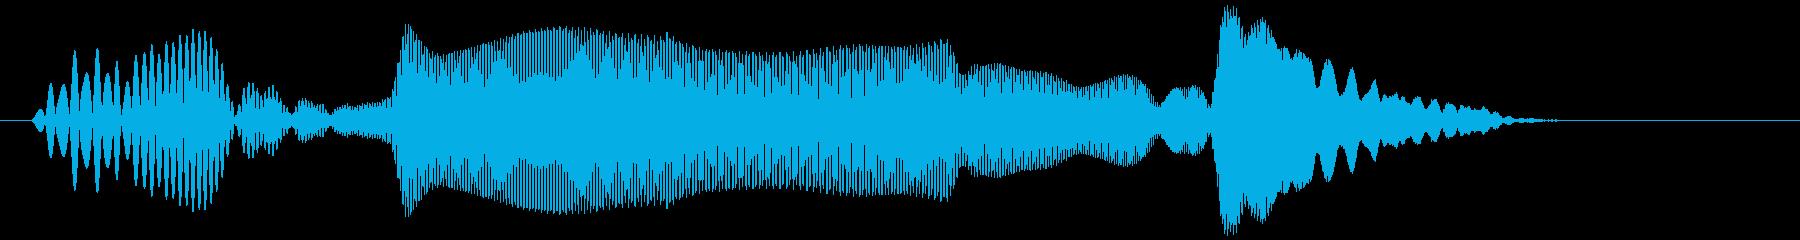 ピョイ(ジャンプ・アクション・攻撃回避)の再生済みの波形